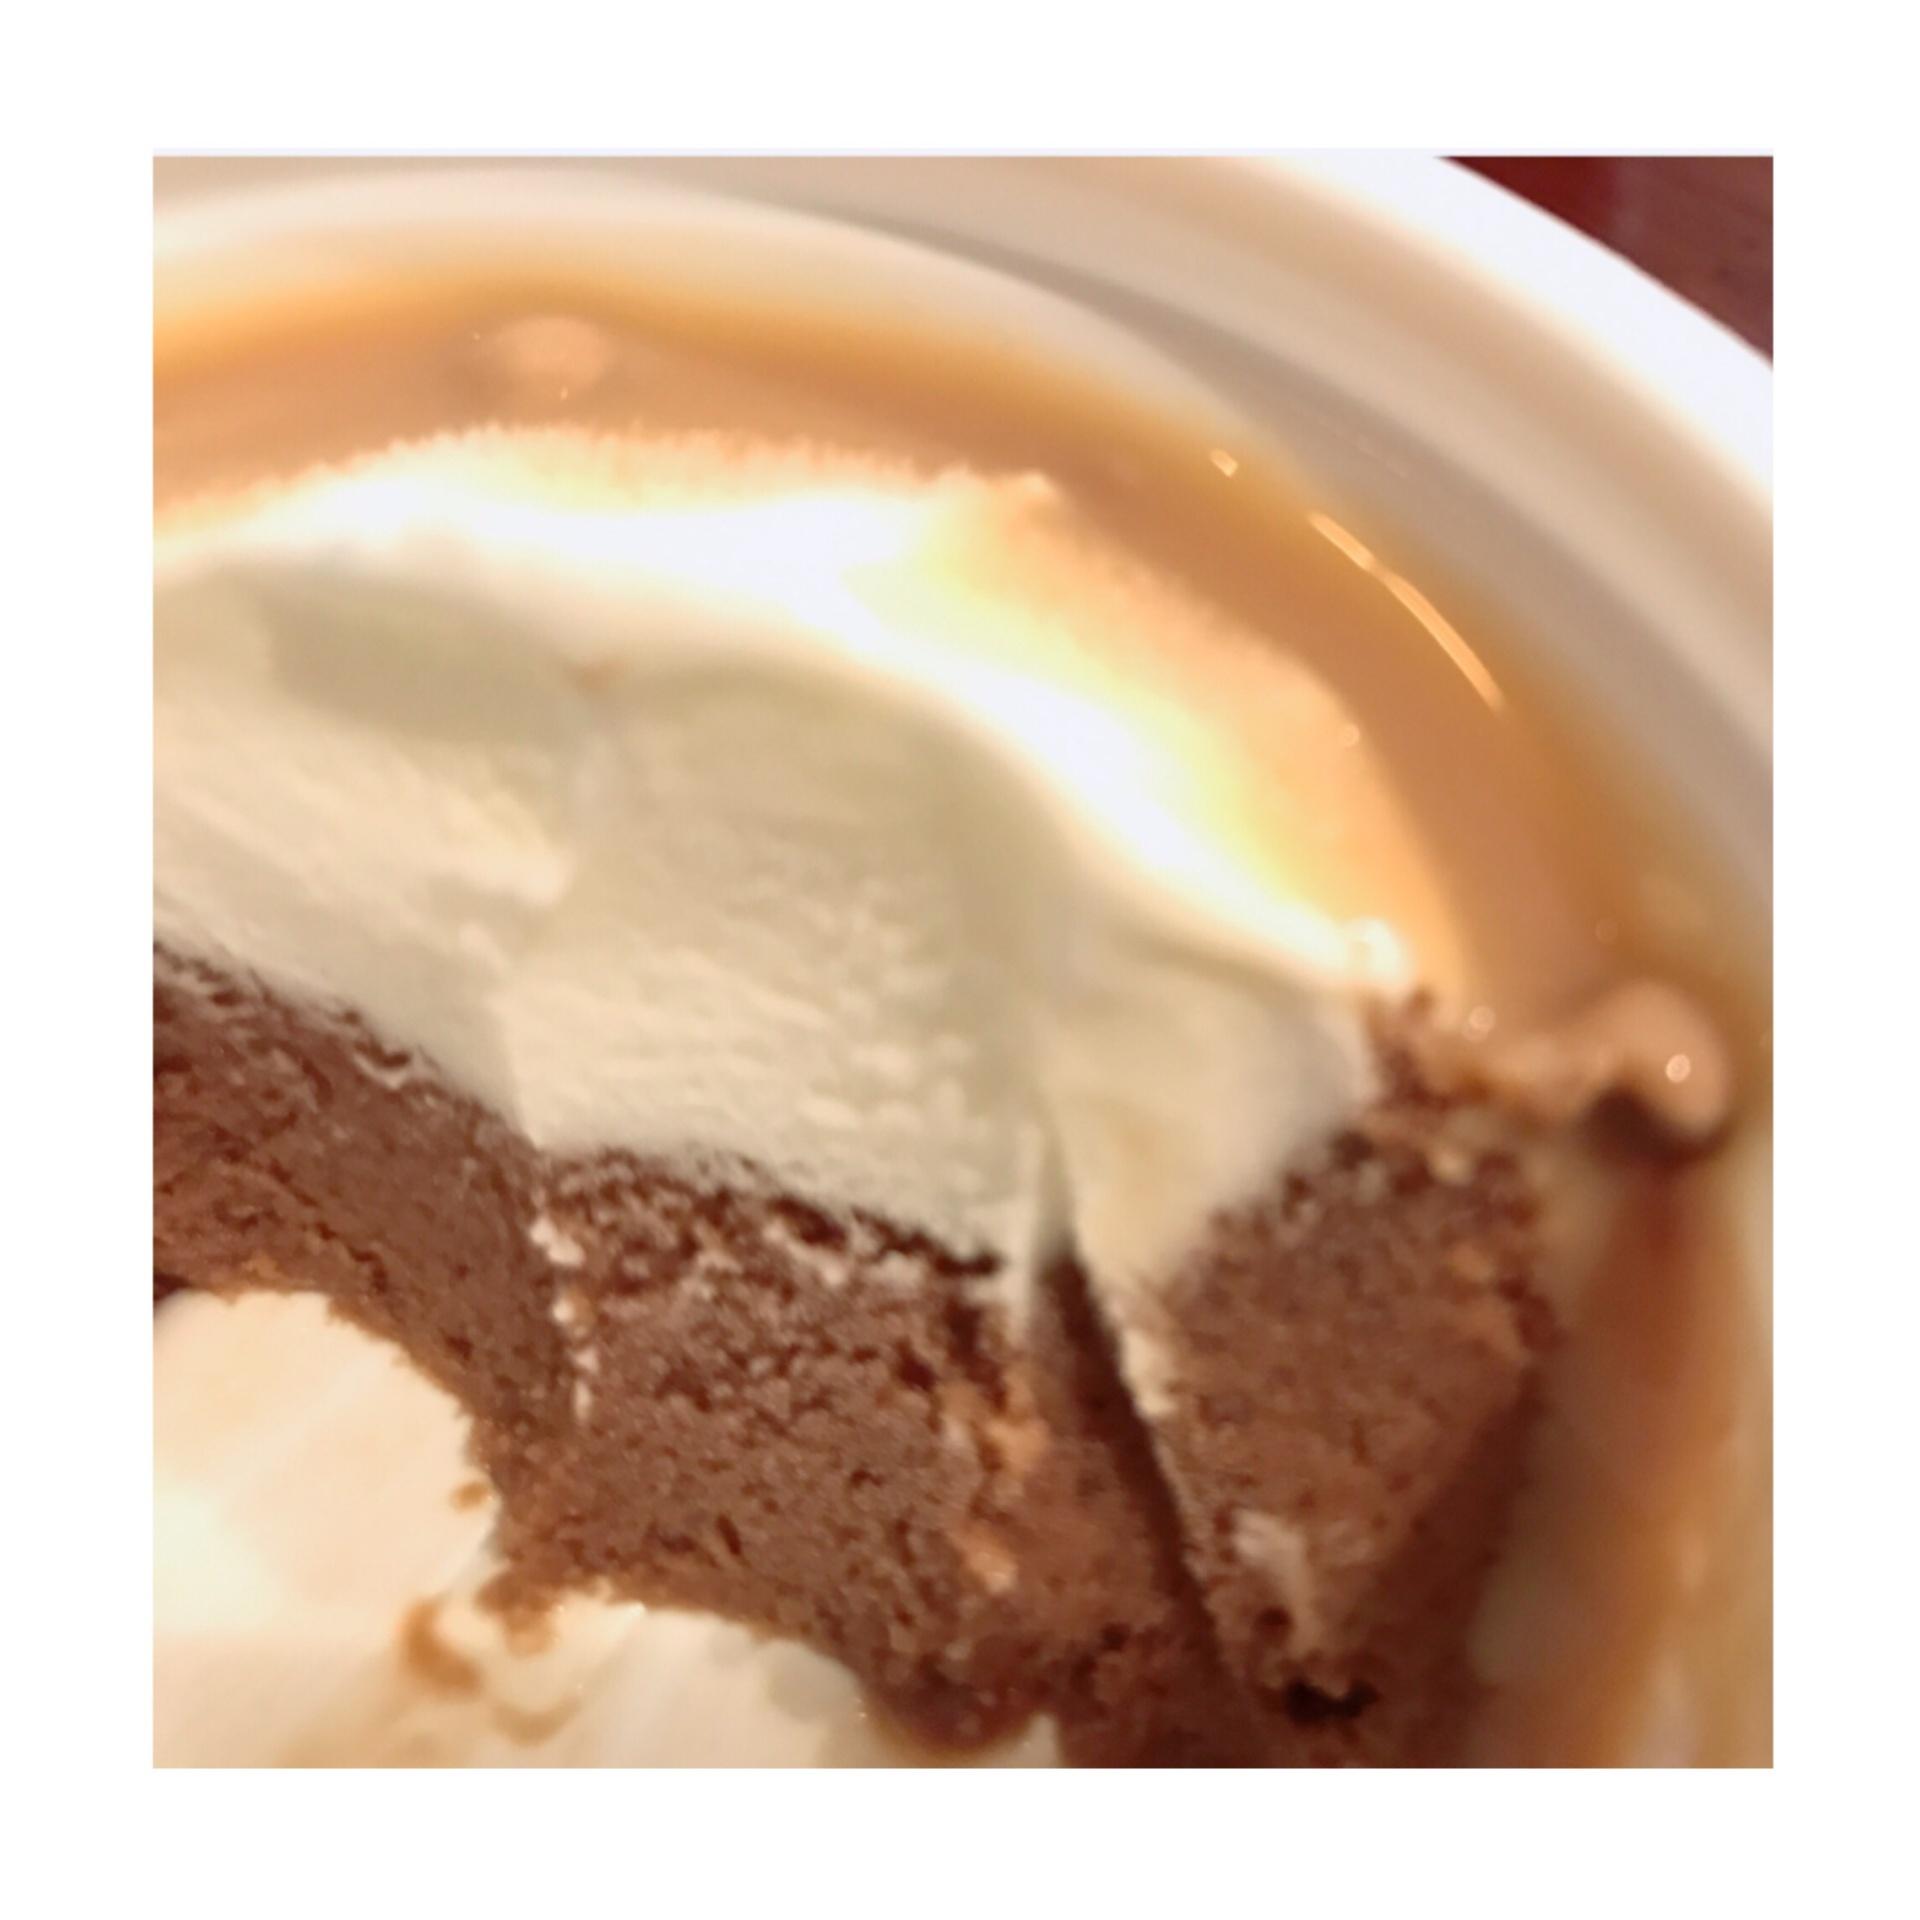 【セブンイレブン】新発売!濃厚!!ロイヤル ティーラテ氷食べてみました!美味しすぎる&気になるカロリーは?_3